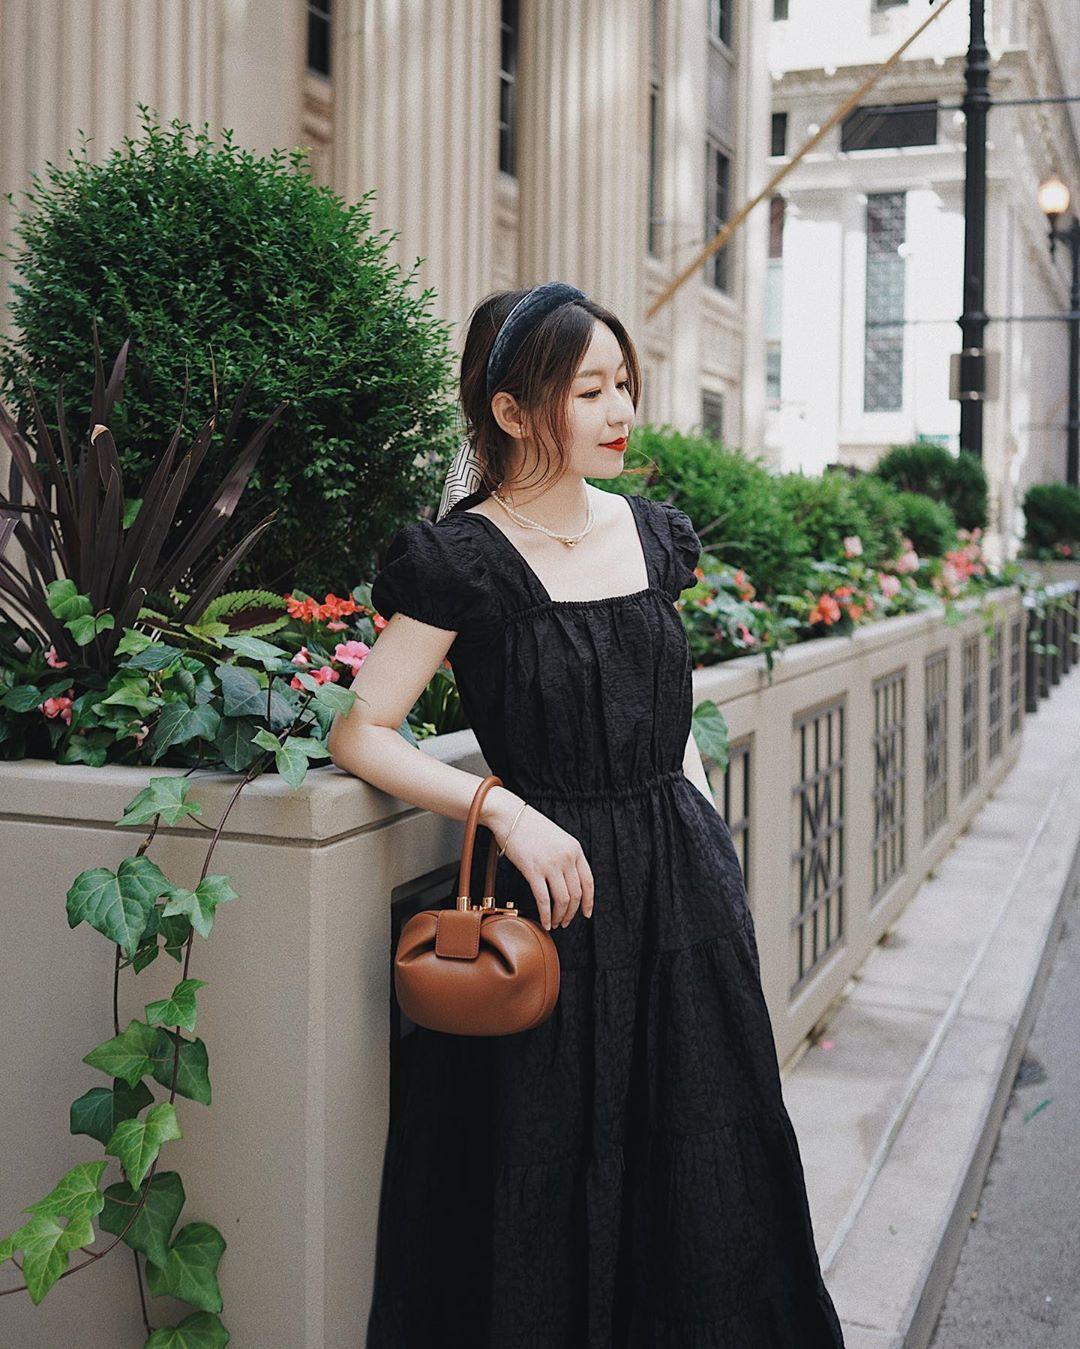 Sáng suốt nhất là tậu hết 5 mẫu váy hot trường tồn với thời gian sau đây, mặc chỉ xịn đẹp trở lên chứ không kém - Ảnh 6.